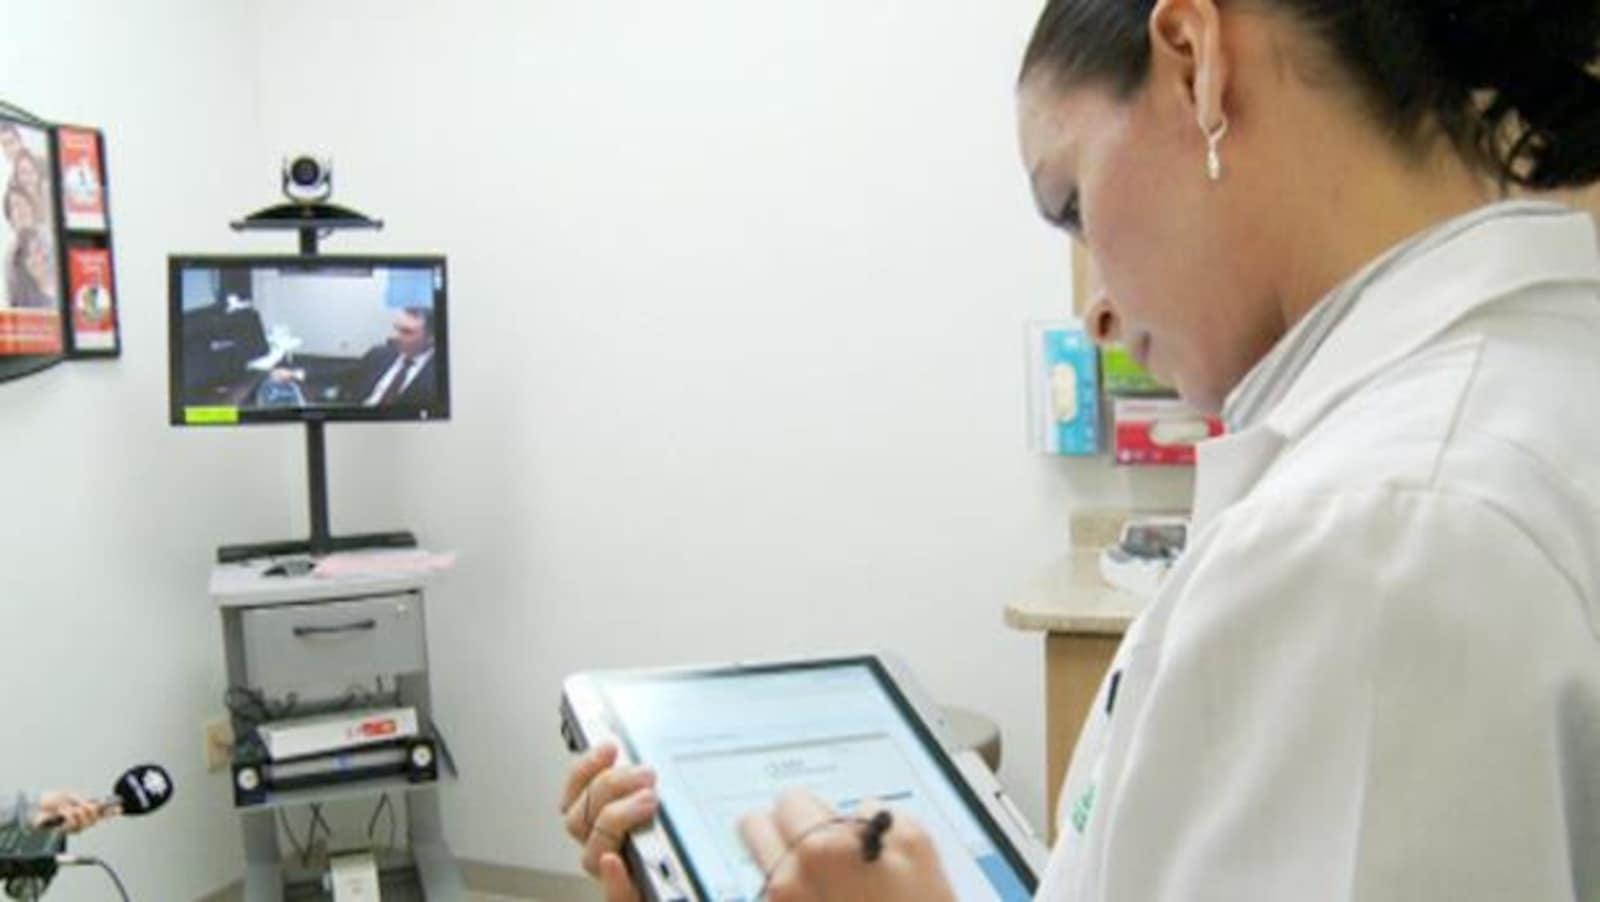 Une consultation médicale par vidéo